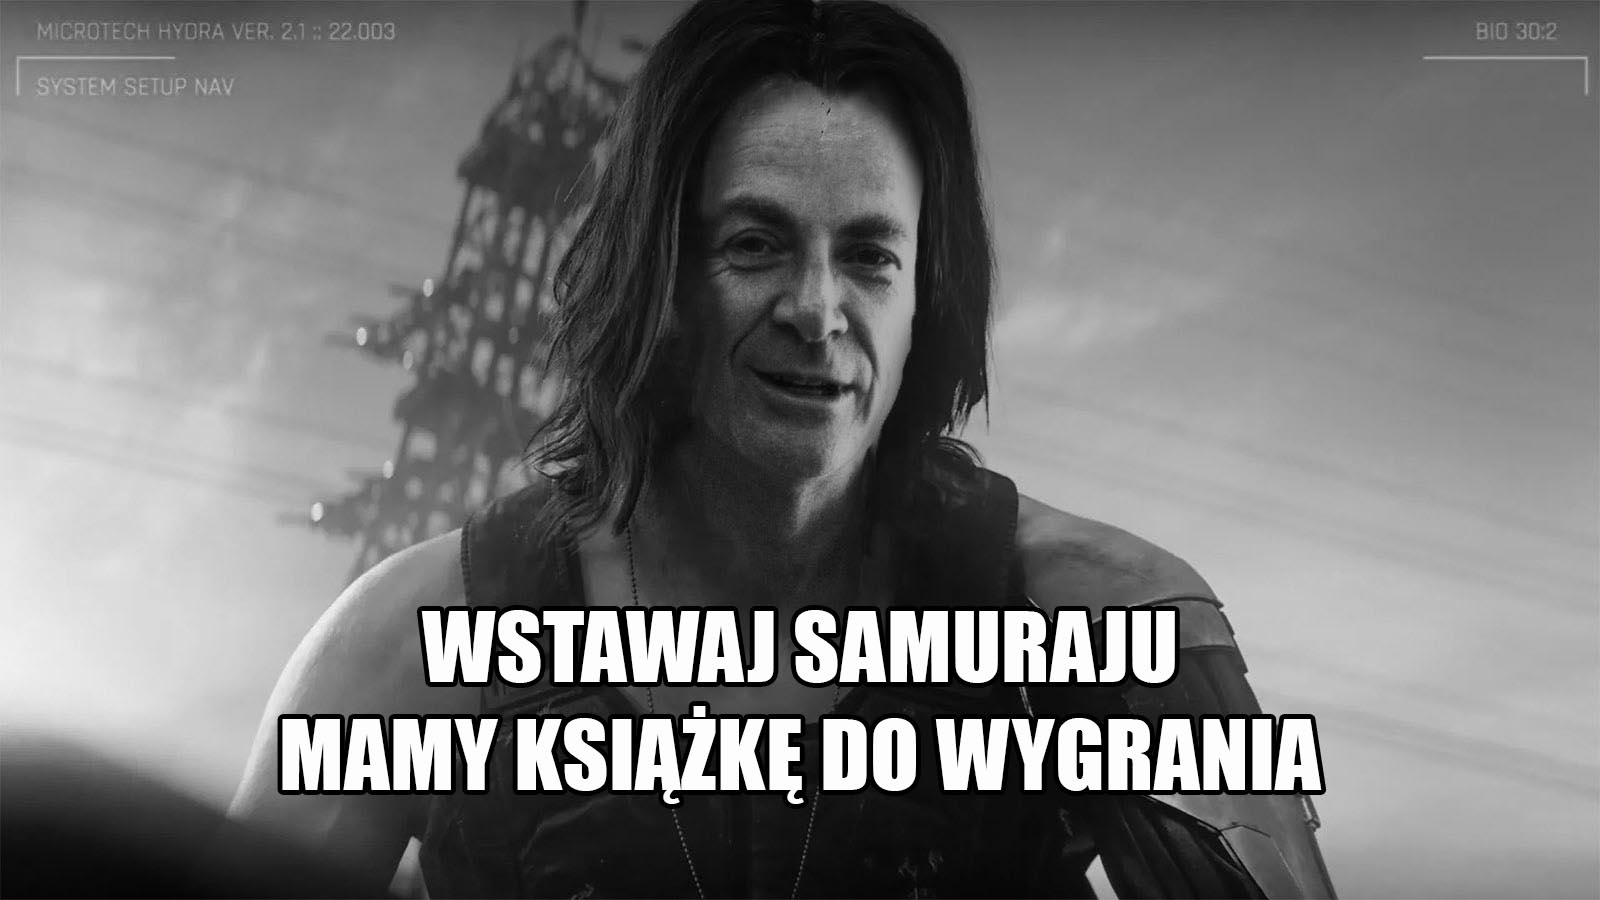 cyberfeynman1